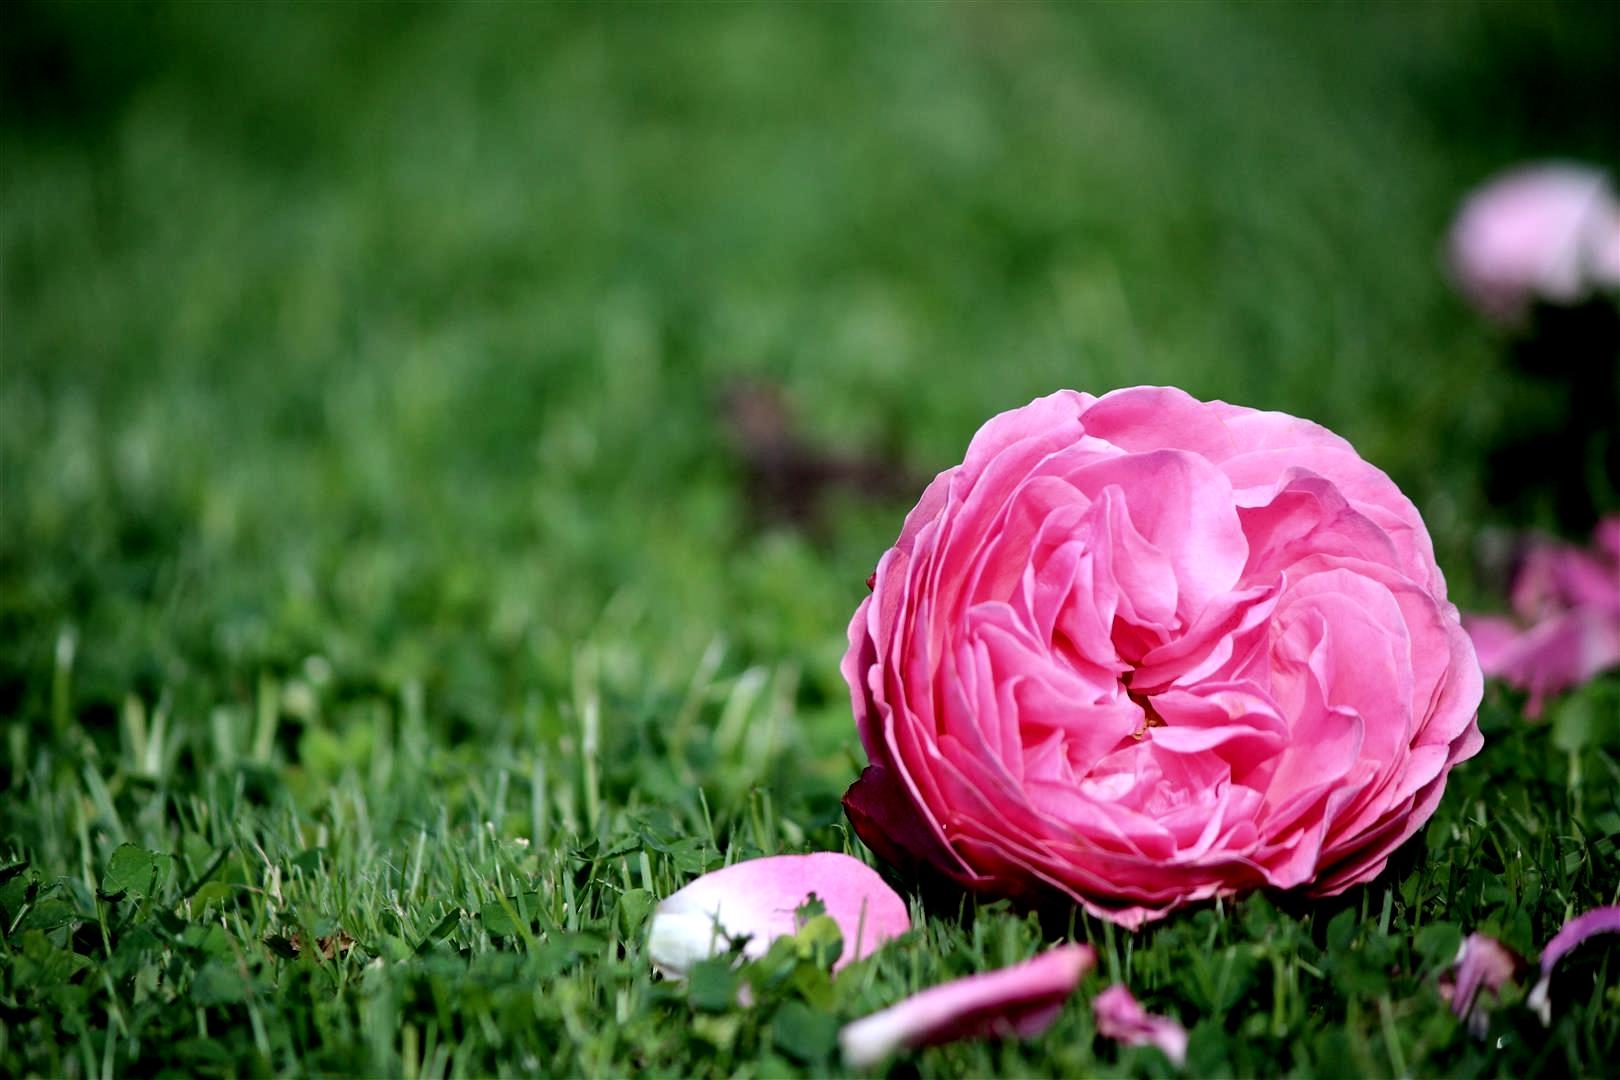 Blüte auf dem Boden, trotzdem eine Schönheit